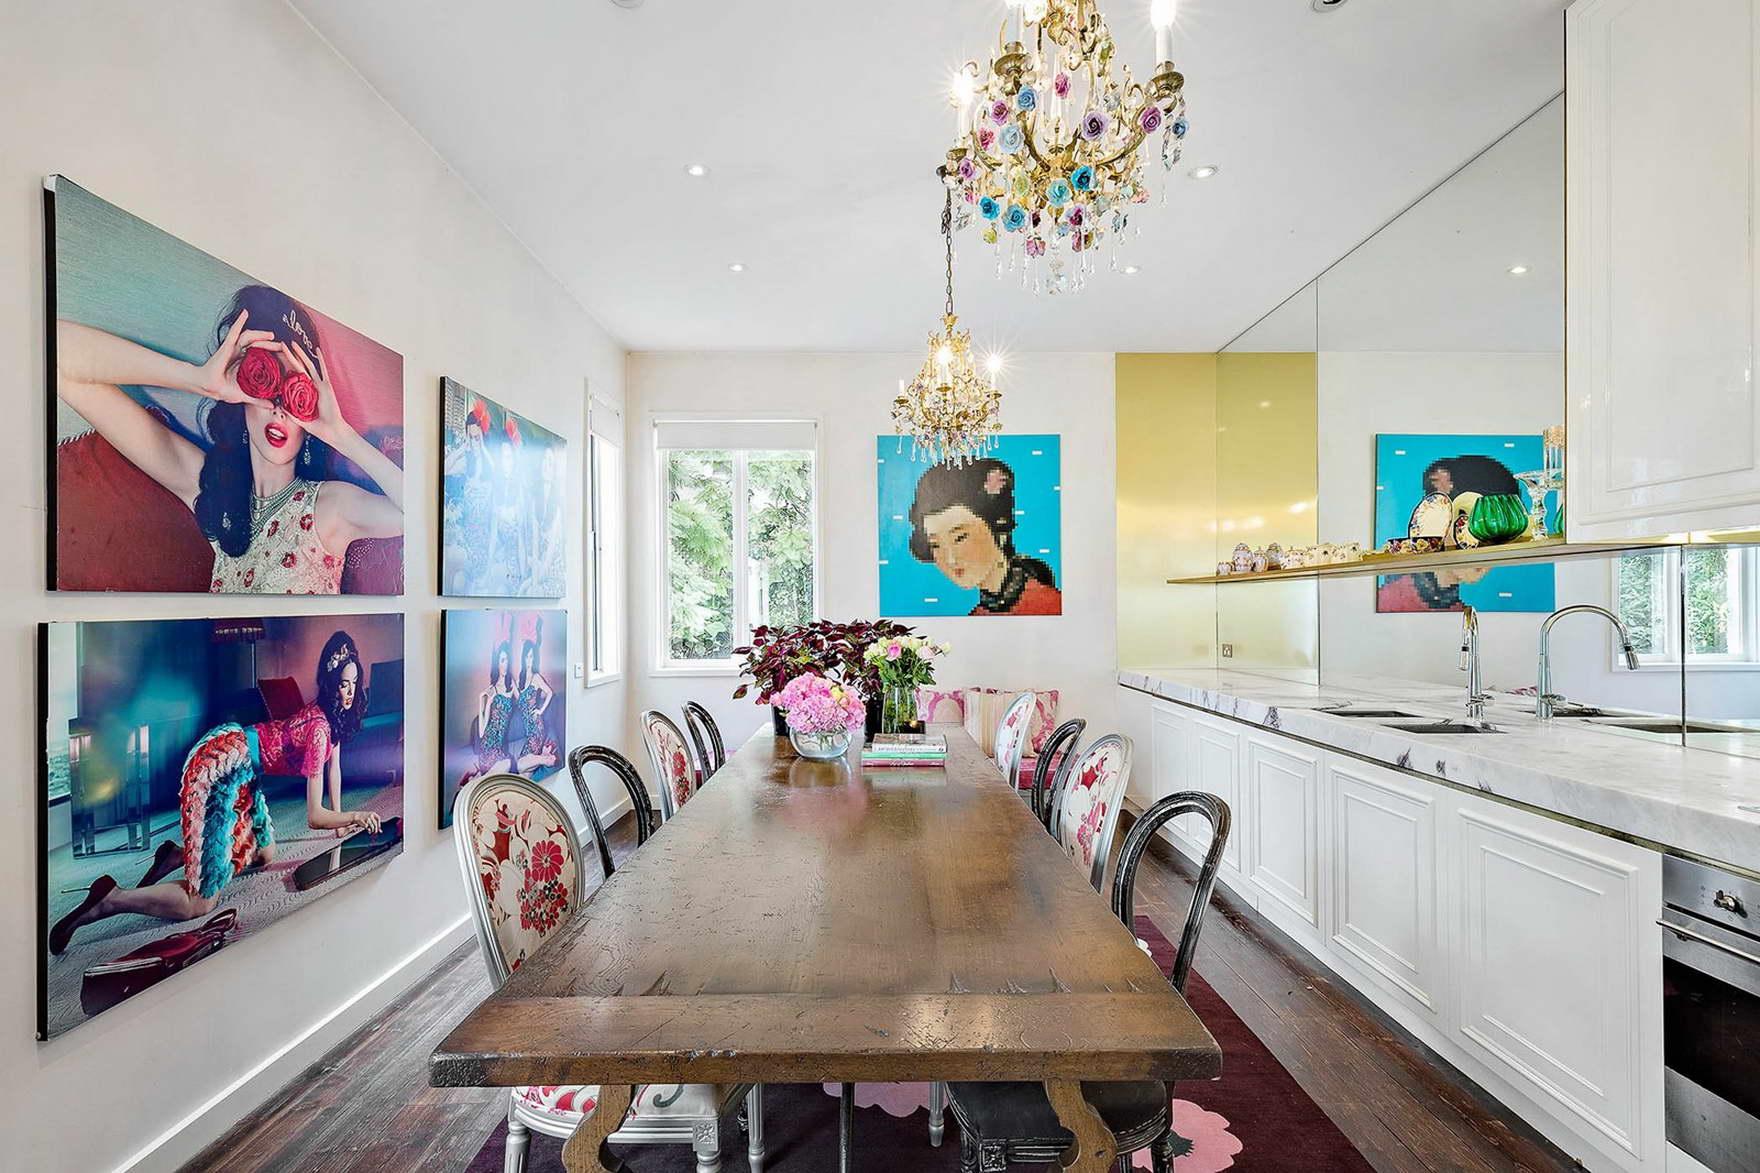 rózsaszín romantikus álom - barbi ház konyha